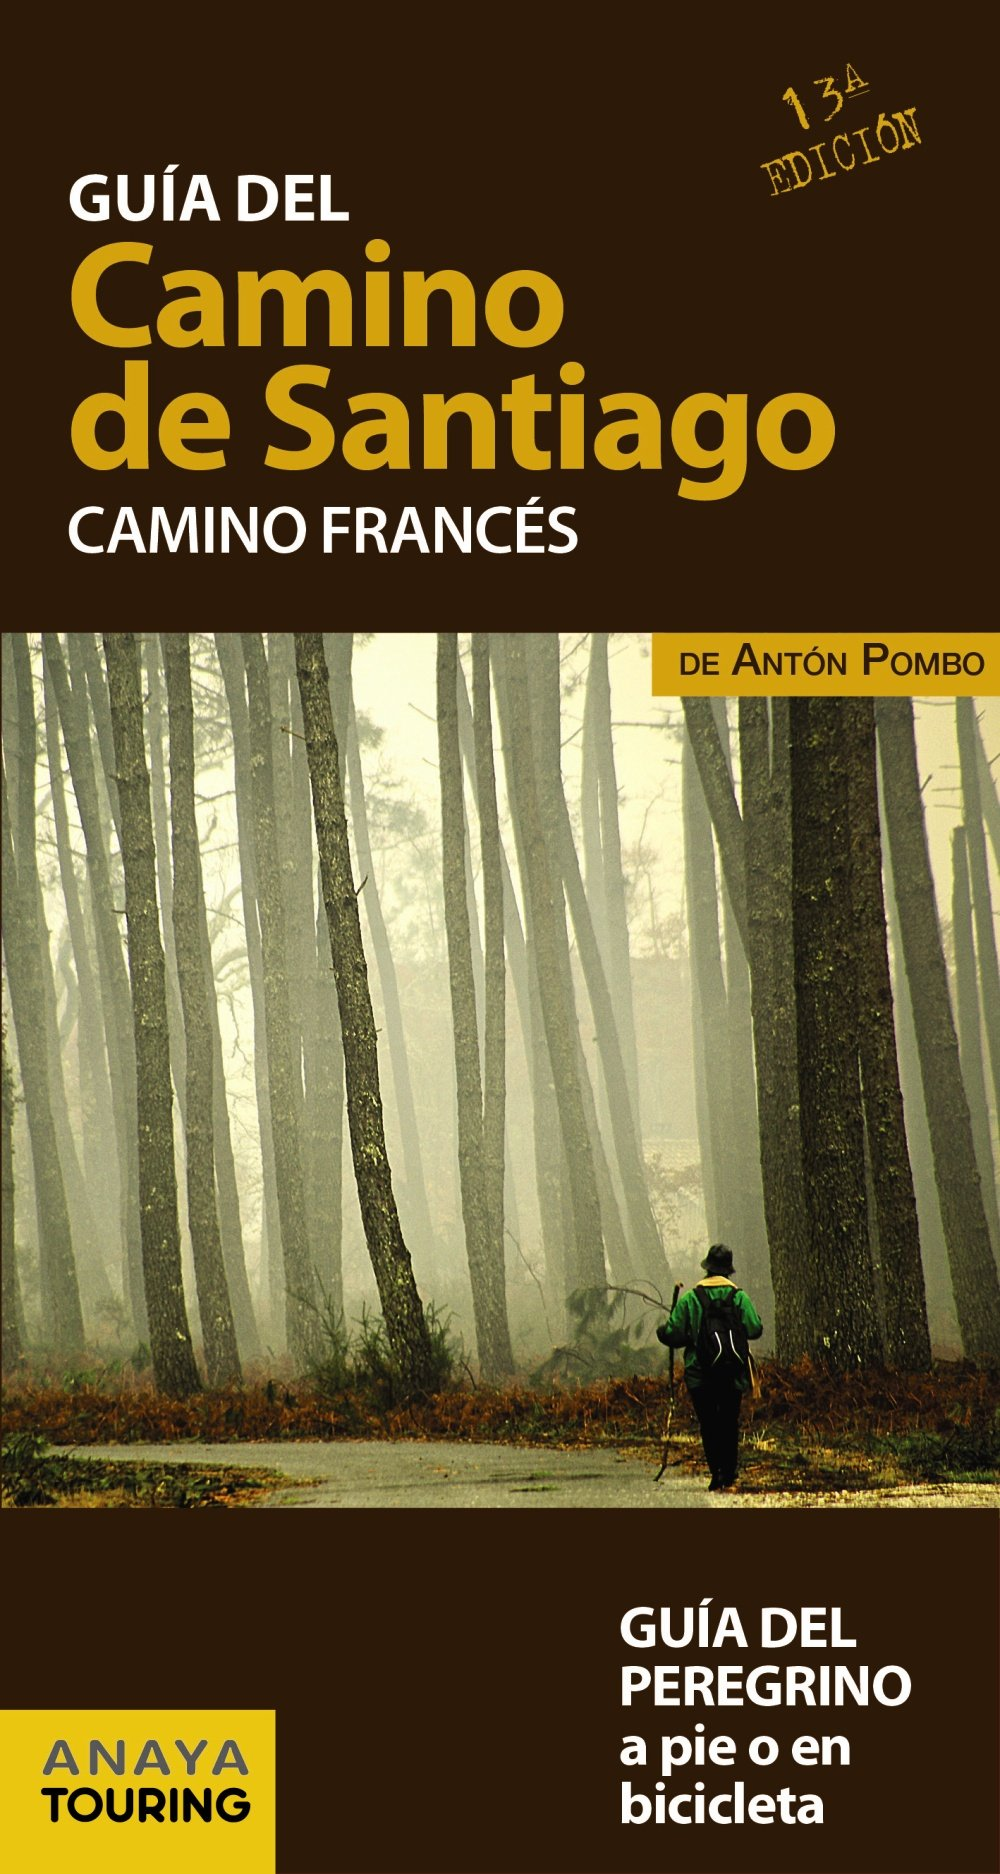 Guía del Camino de Santiago. Camino Francés: Amazon.es: Anaya Touring, Pombo Rodríguez, Antón: Libros